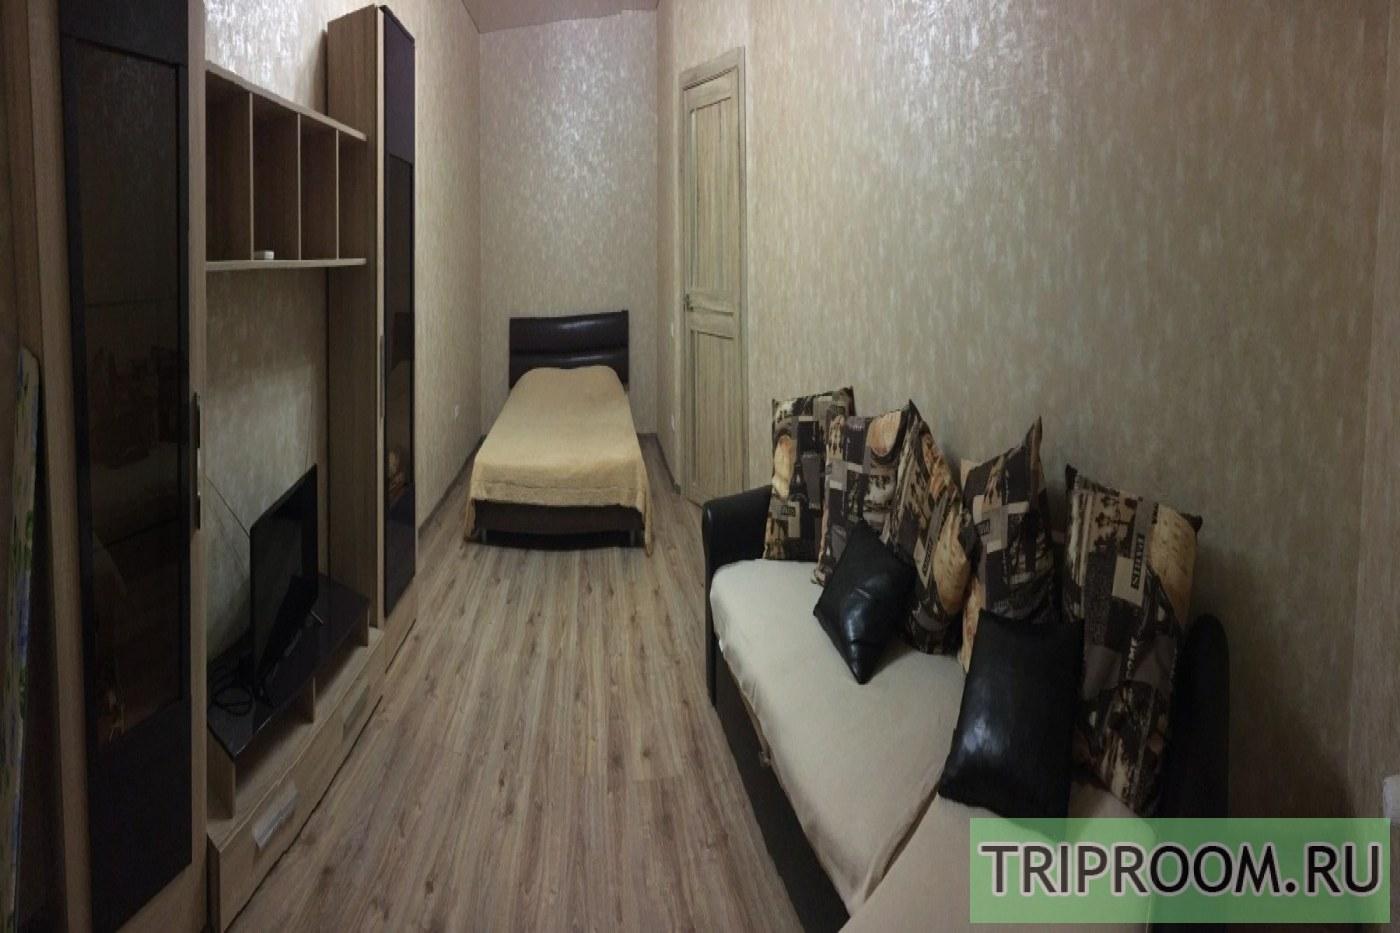 1-комнатная квартира посуточно (вариант № 37485), ул. Восточно-Кругликовская улица, фото № 7